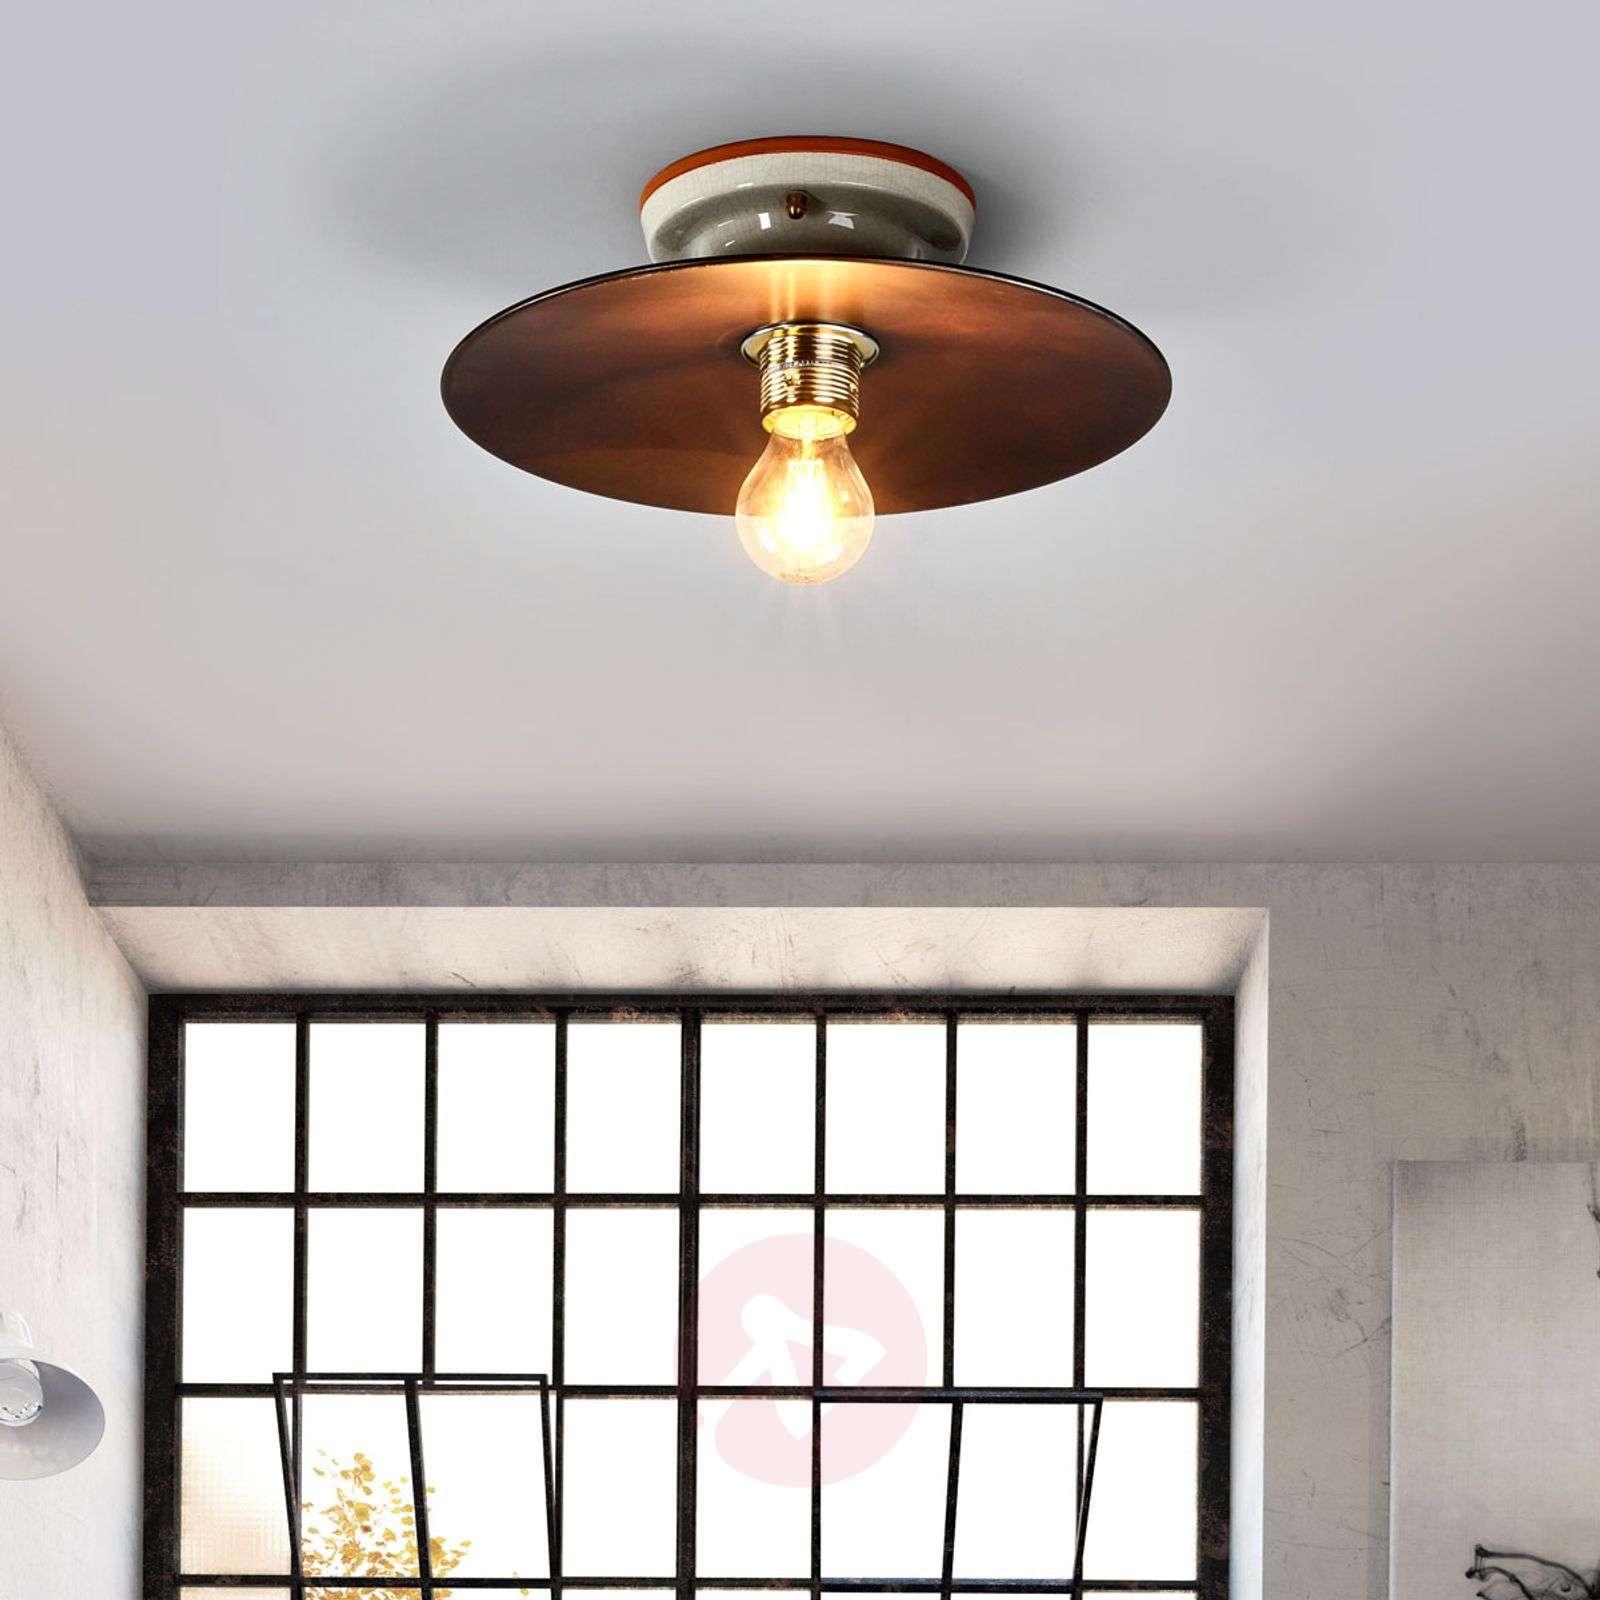 Ottone-plafondivalaisin-3046132-01